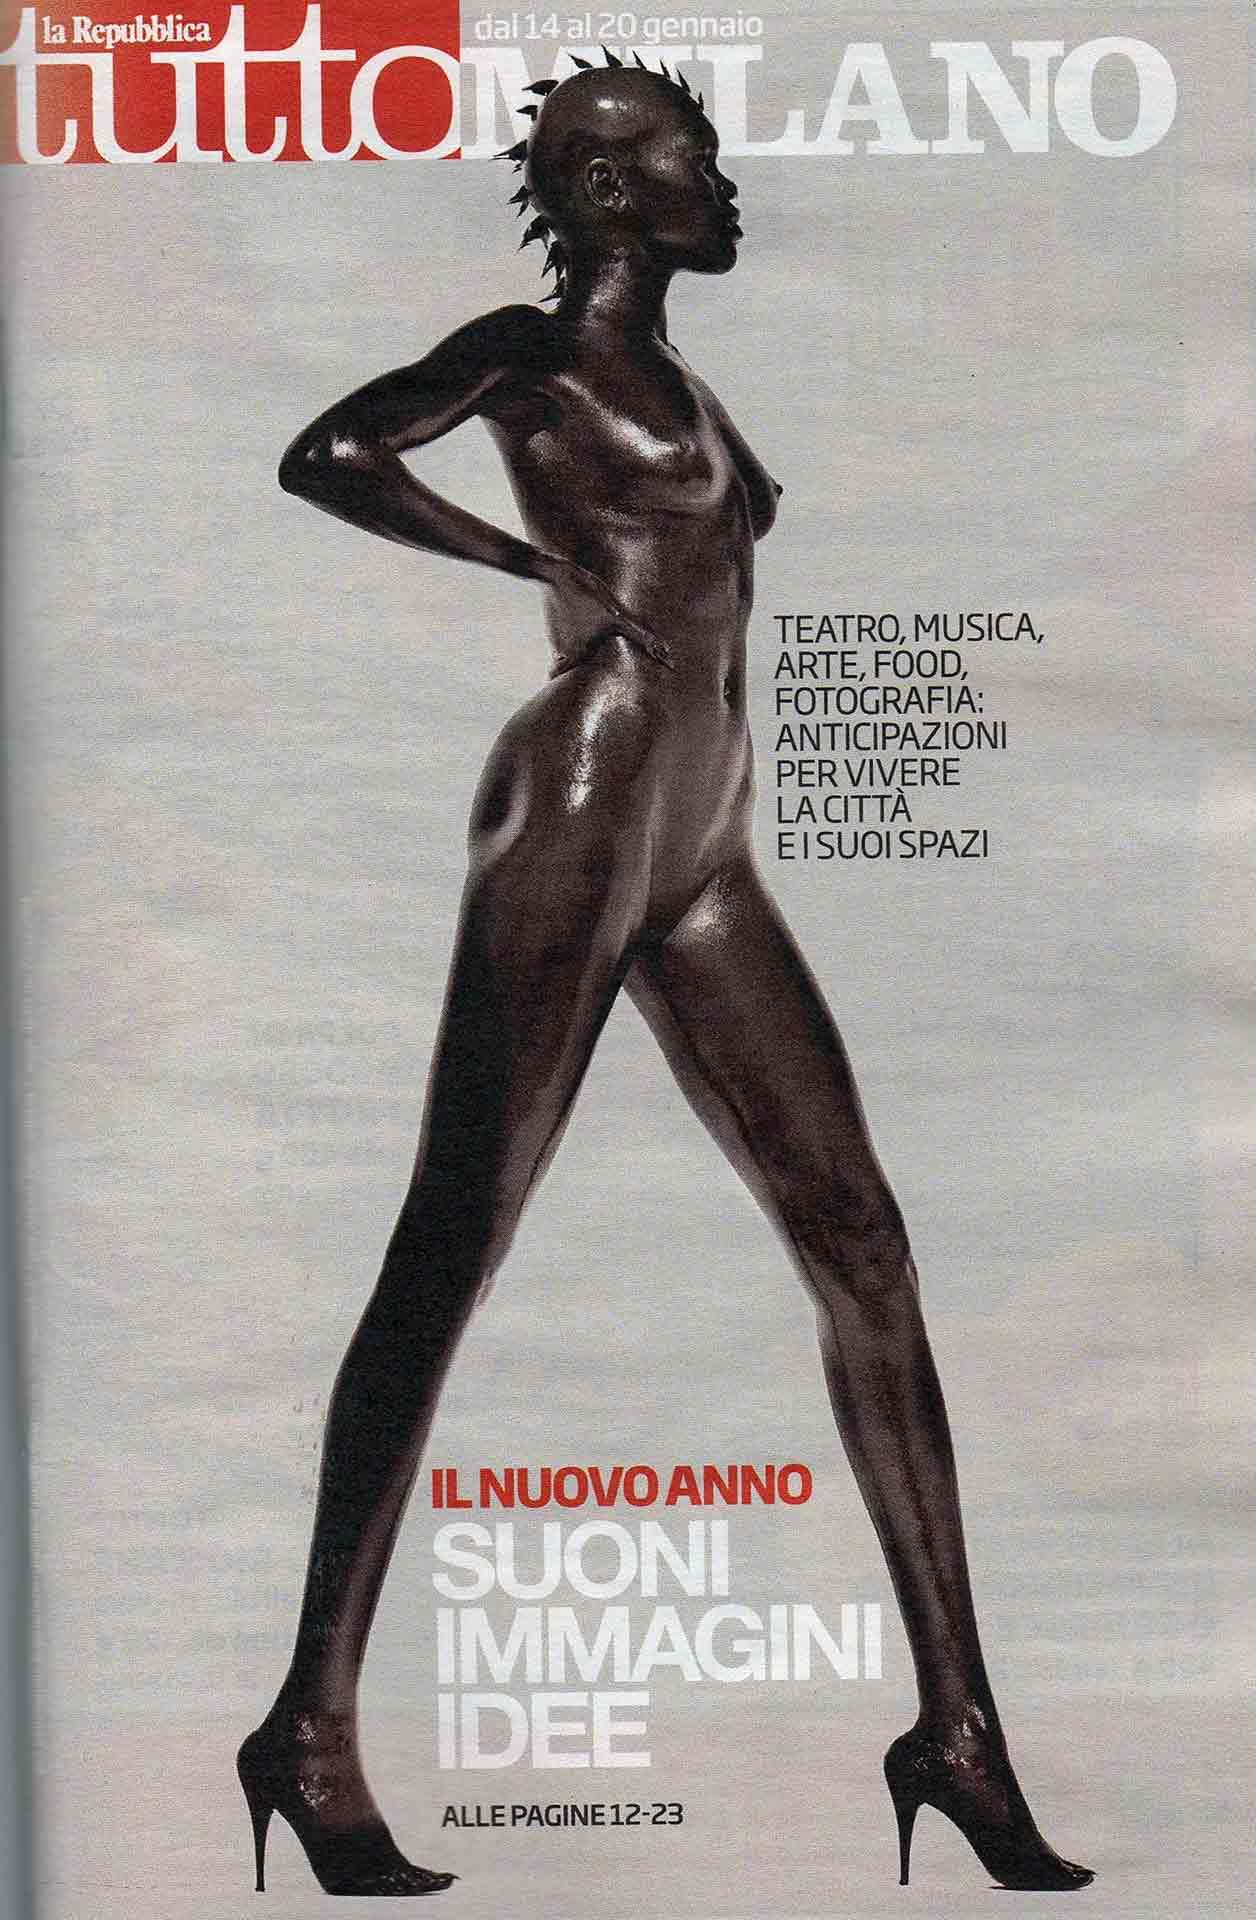 repubblica-giornale-bauclub-asilo-educazione-cani-milano-01